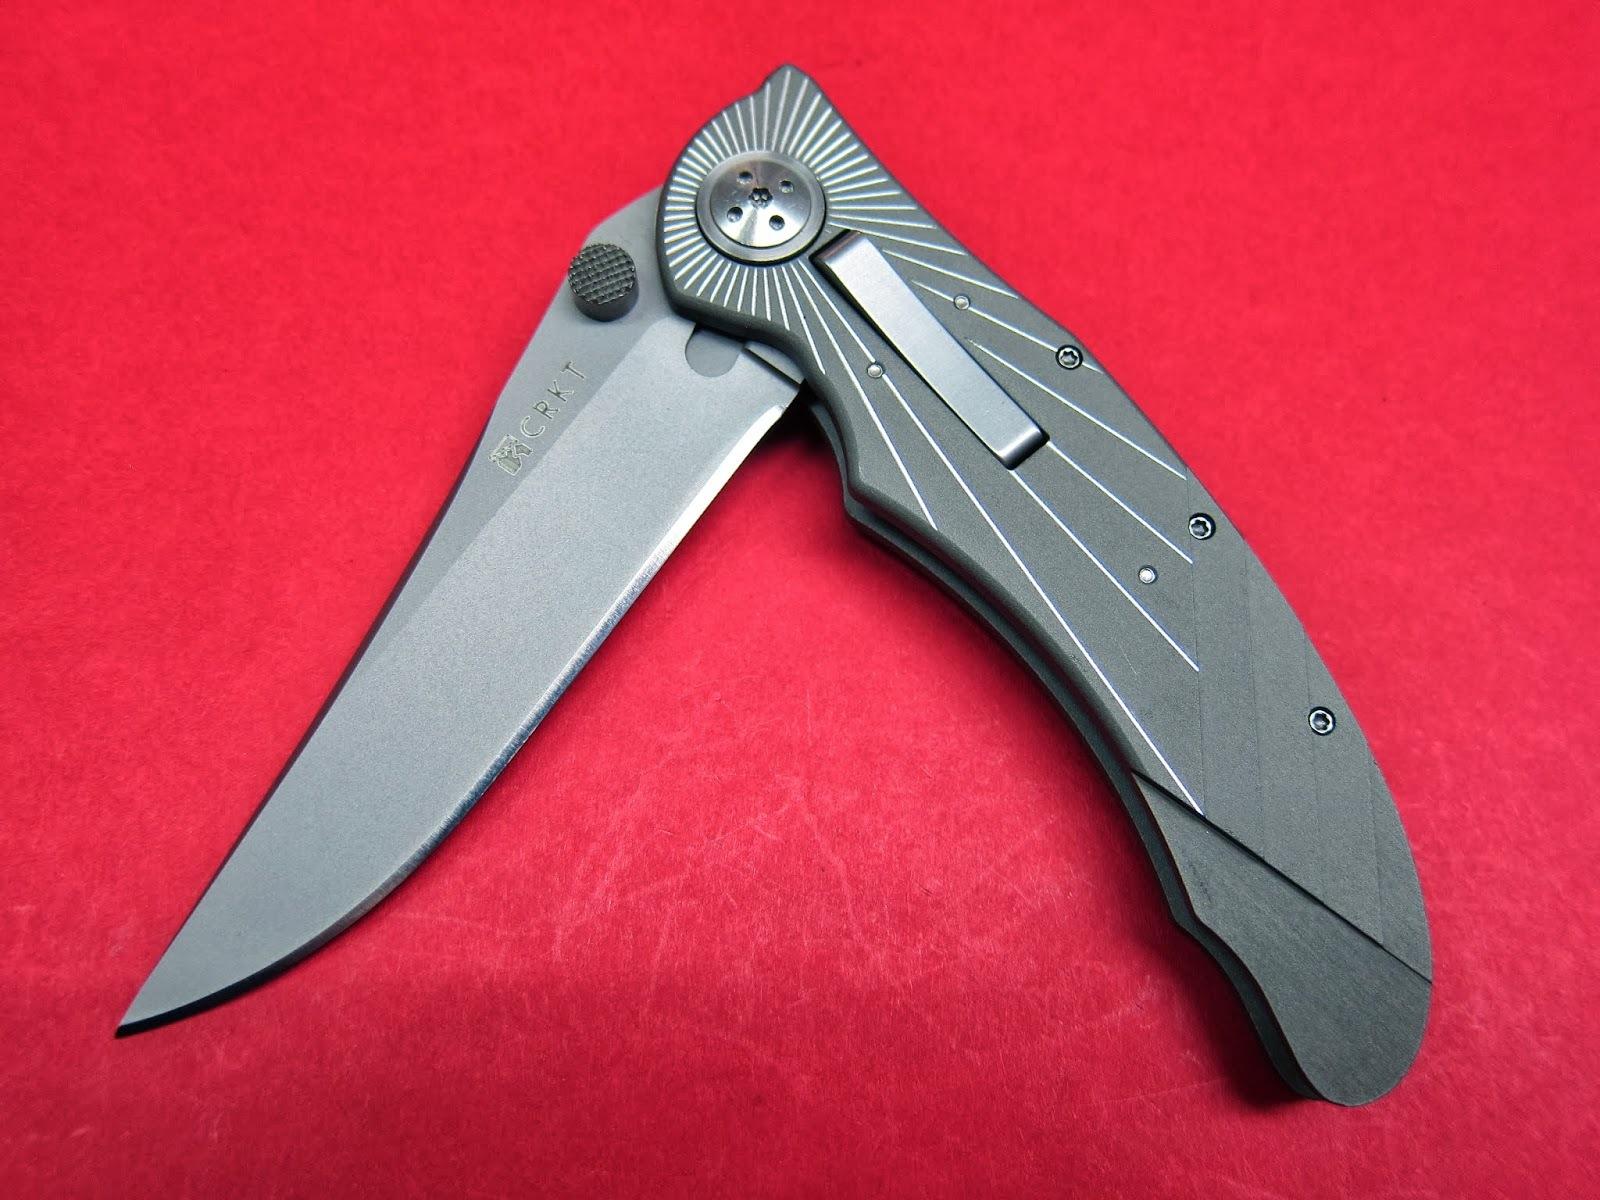 Фото 10 - Складной нож CRKT Elishewitz E-Lock Starlight, сталь AUS-8, рукоять алюминий